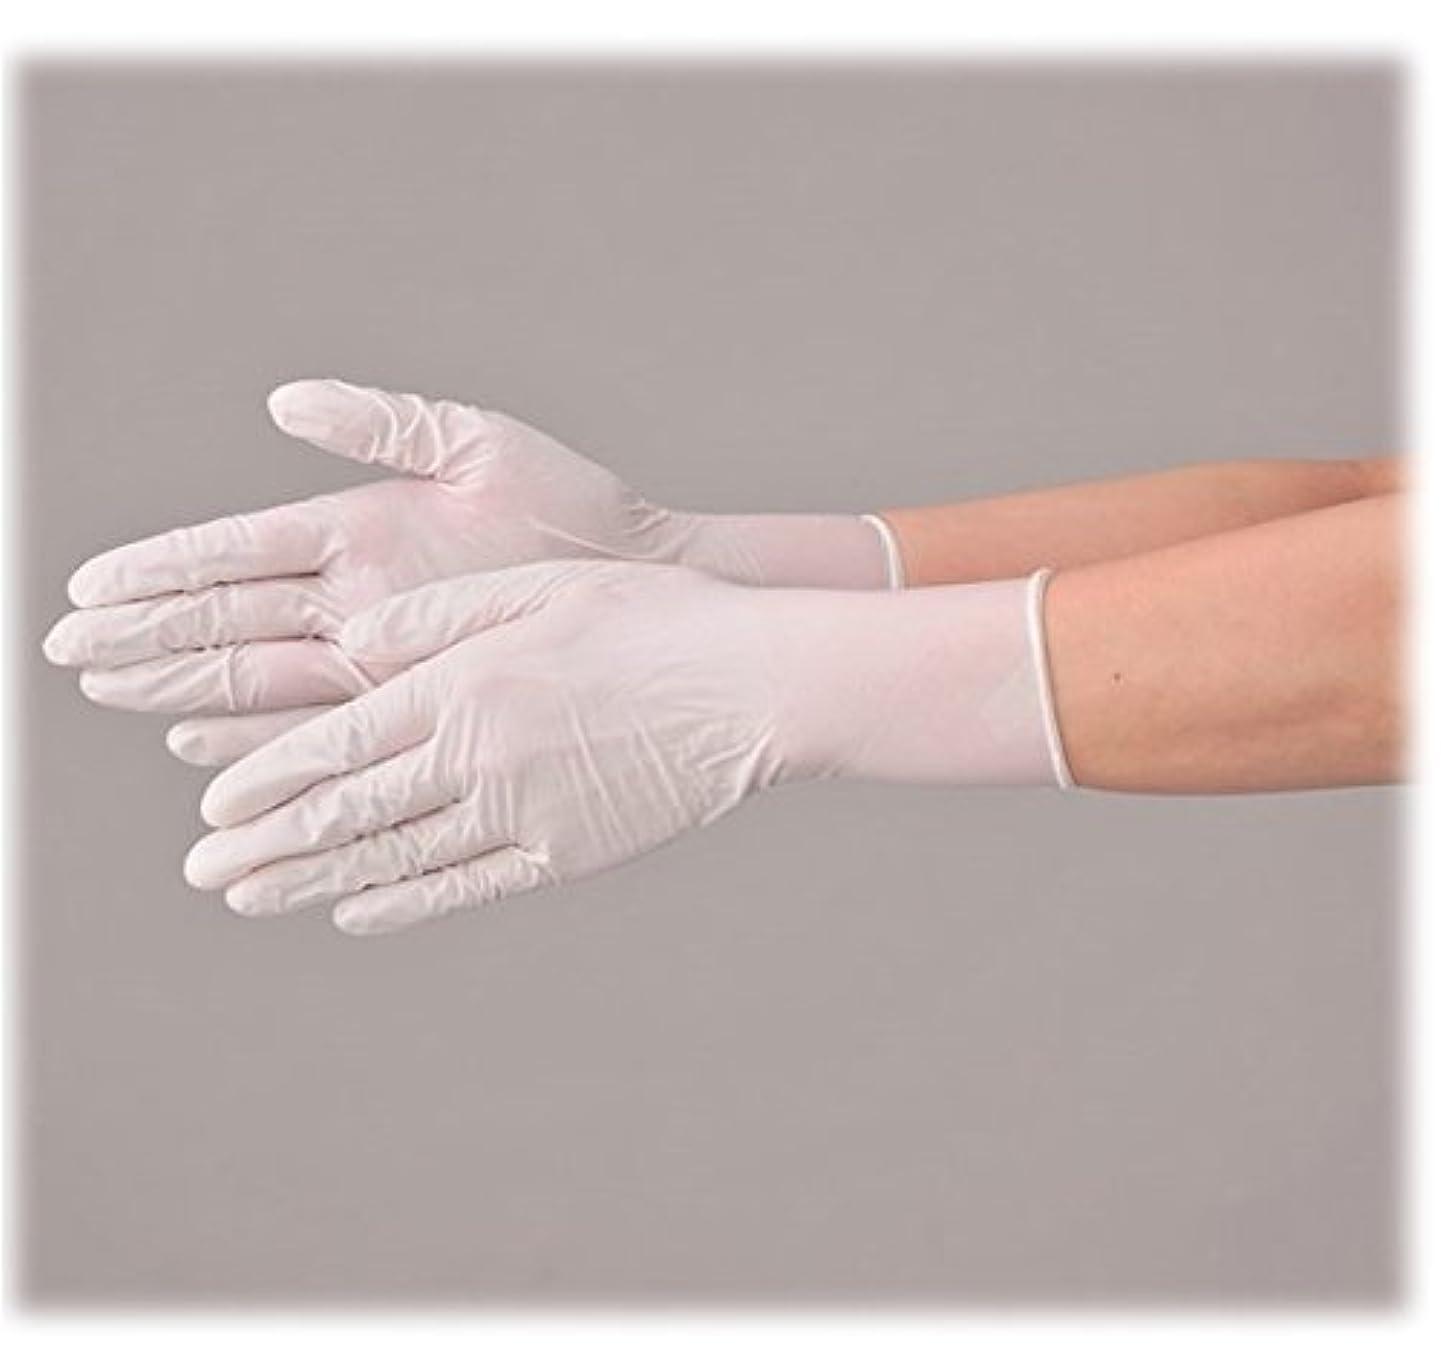 横にわな隠使い捨て 手袋 エブノ 572 ニトリルNEOプラス ホワイト Mサイズ パウダー付き 2ケース(100枚×40箱)